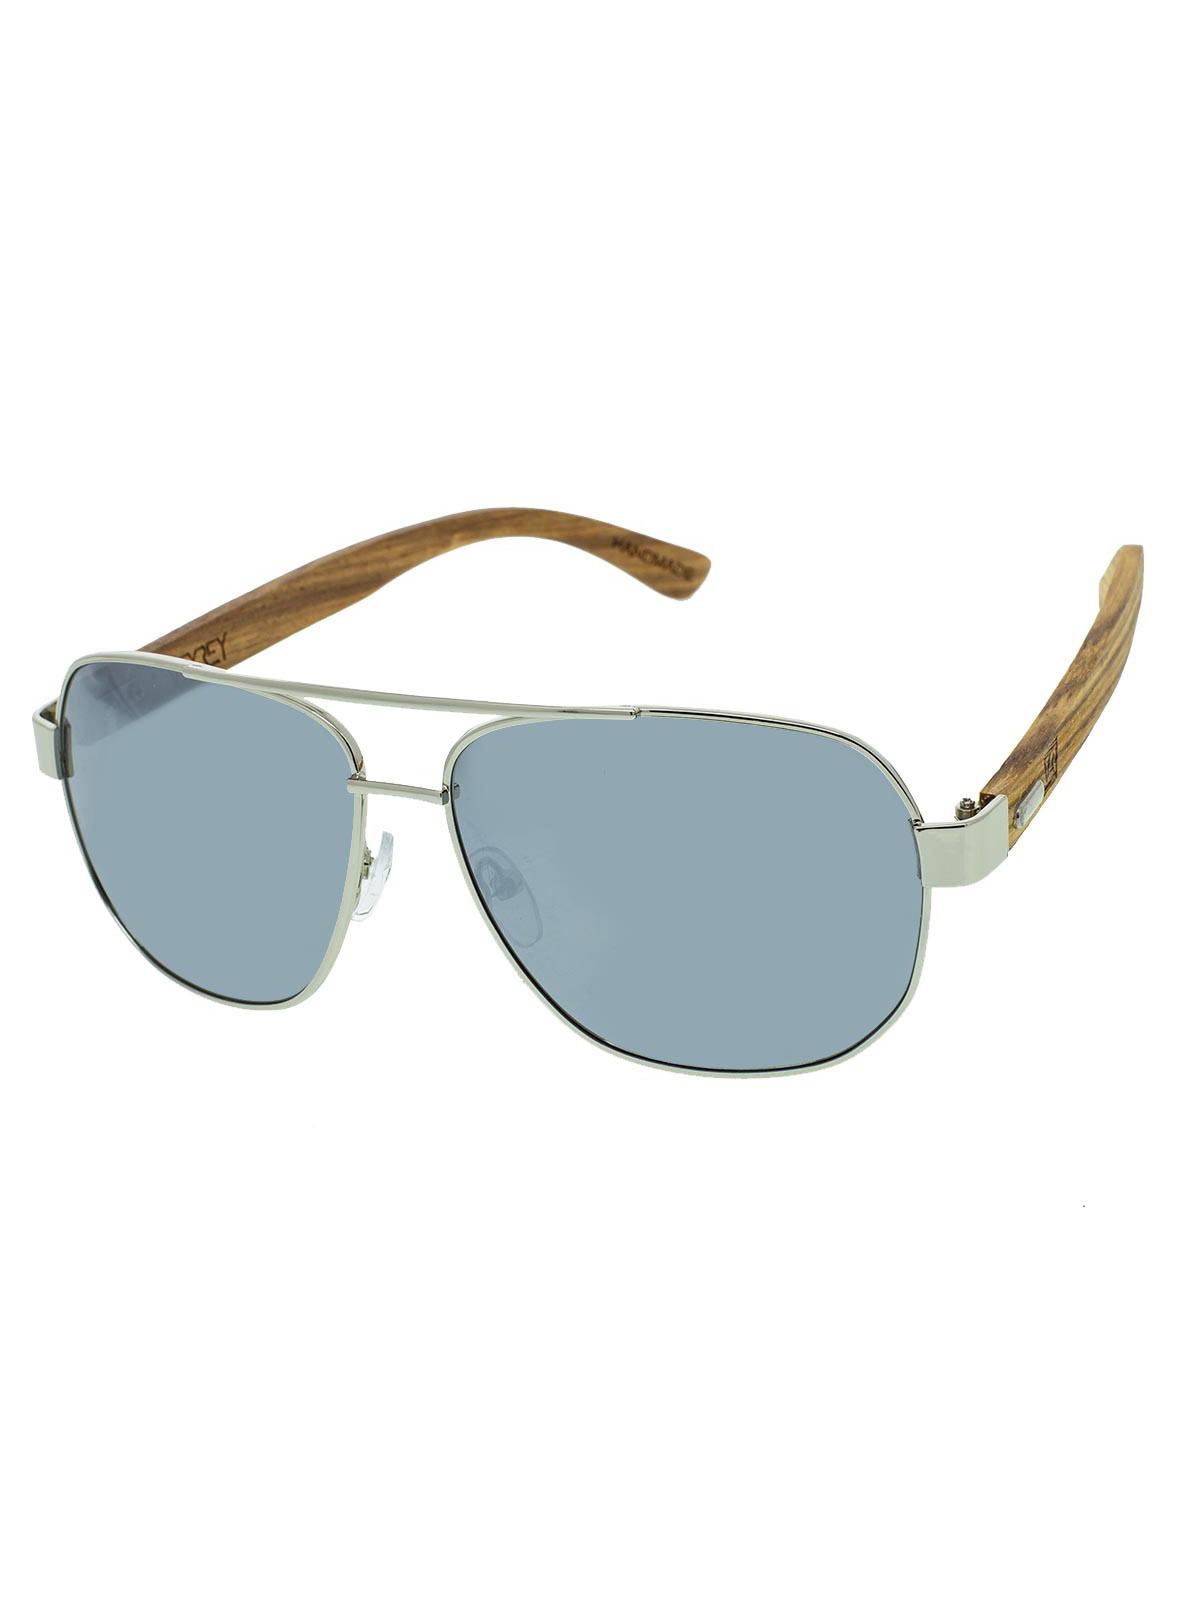 Dřevěné sluneční brýle Pent stříbrná skla